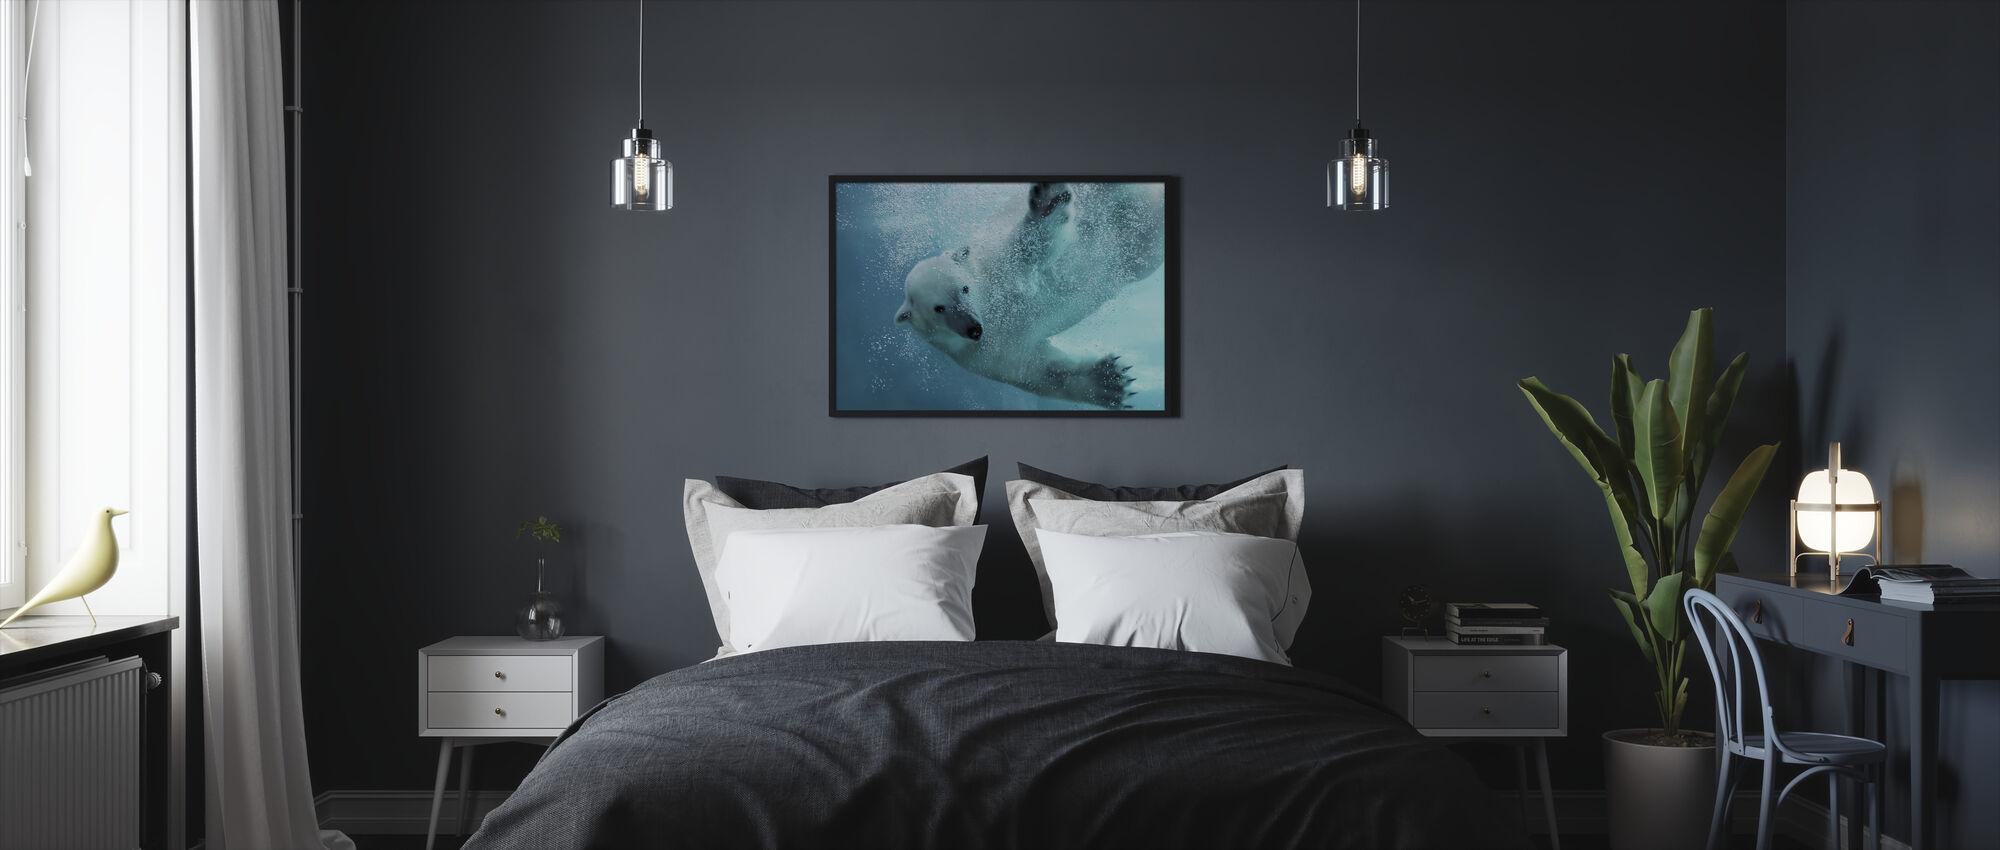 Onderwater IJsbeer - Ingelijste print - Slaapkamer